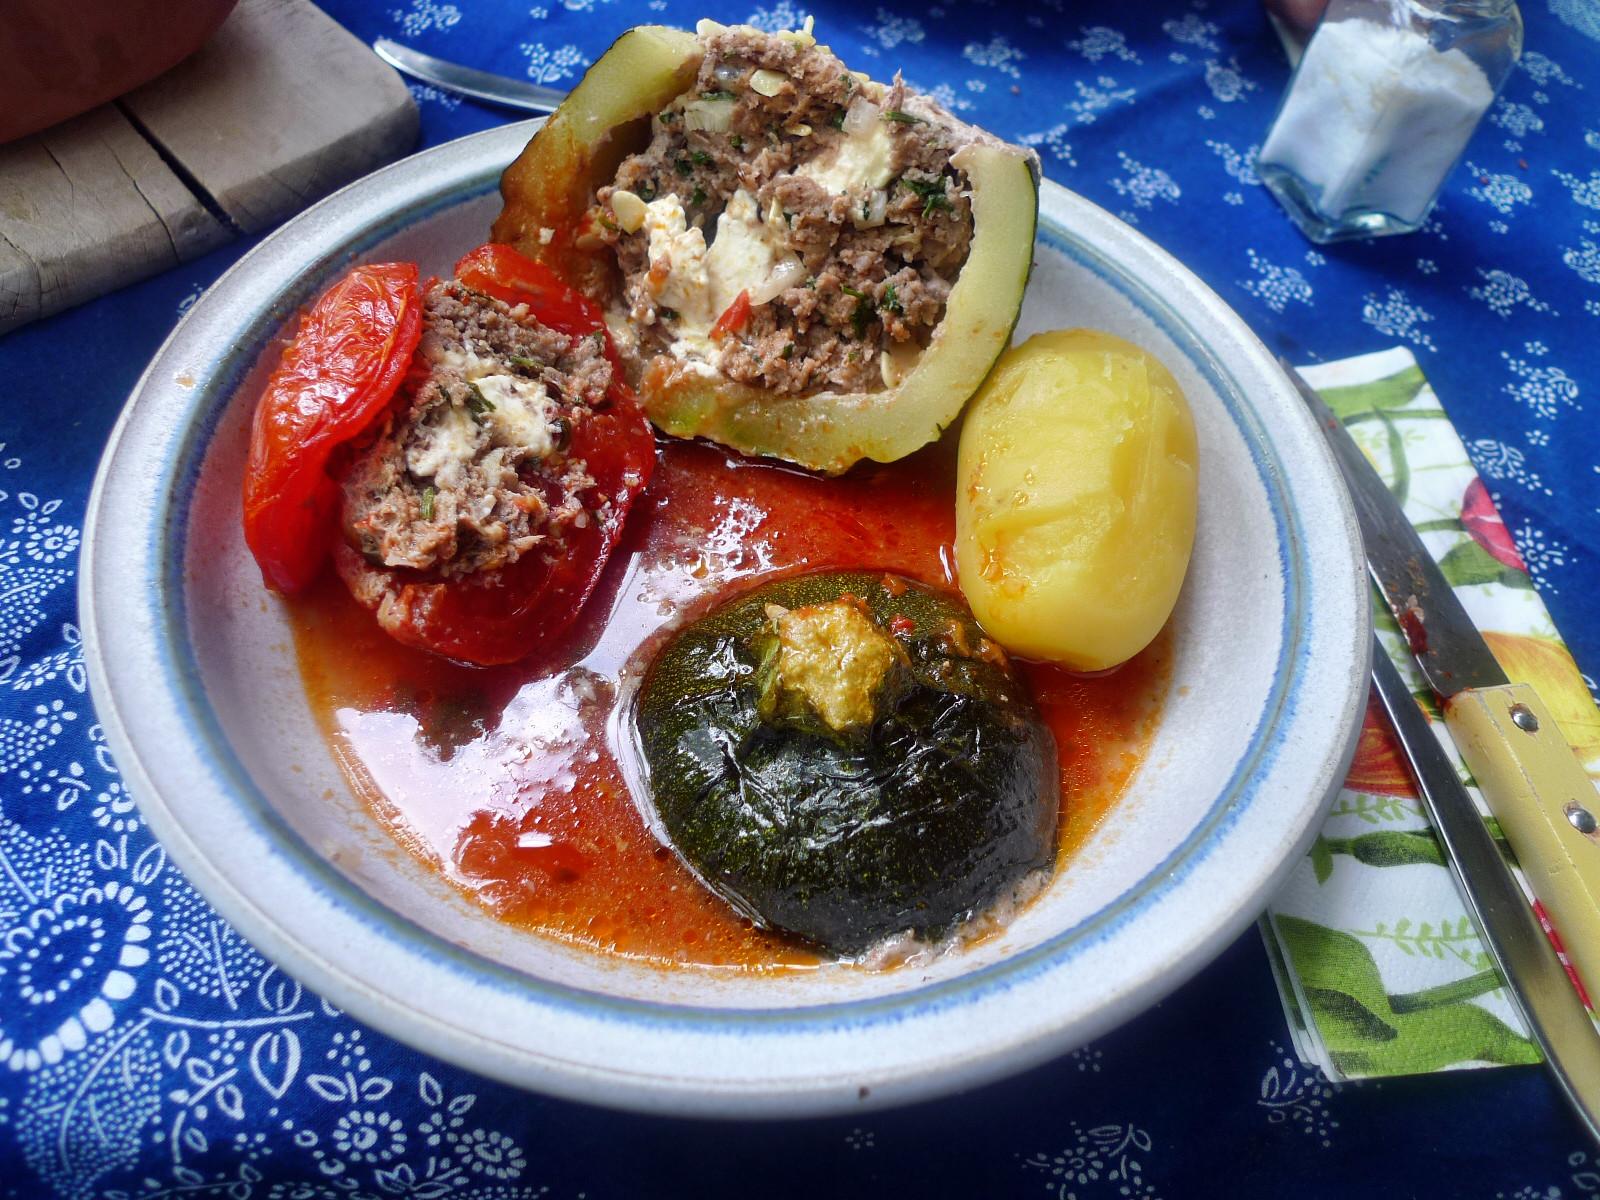 gefüllte Zucchini und Paprika-7.8.14  (23)